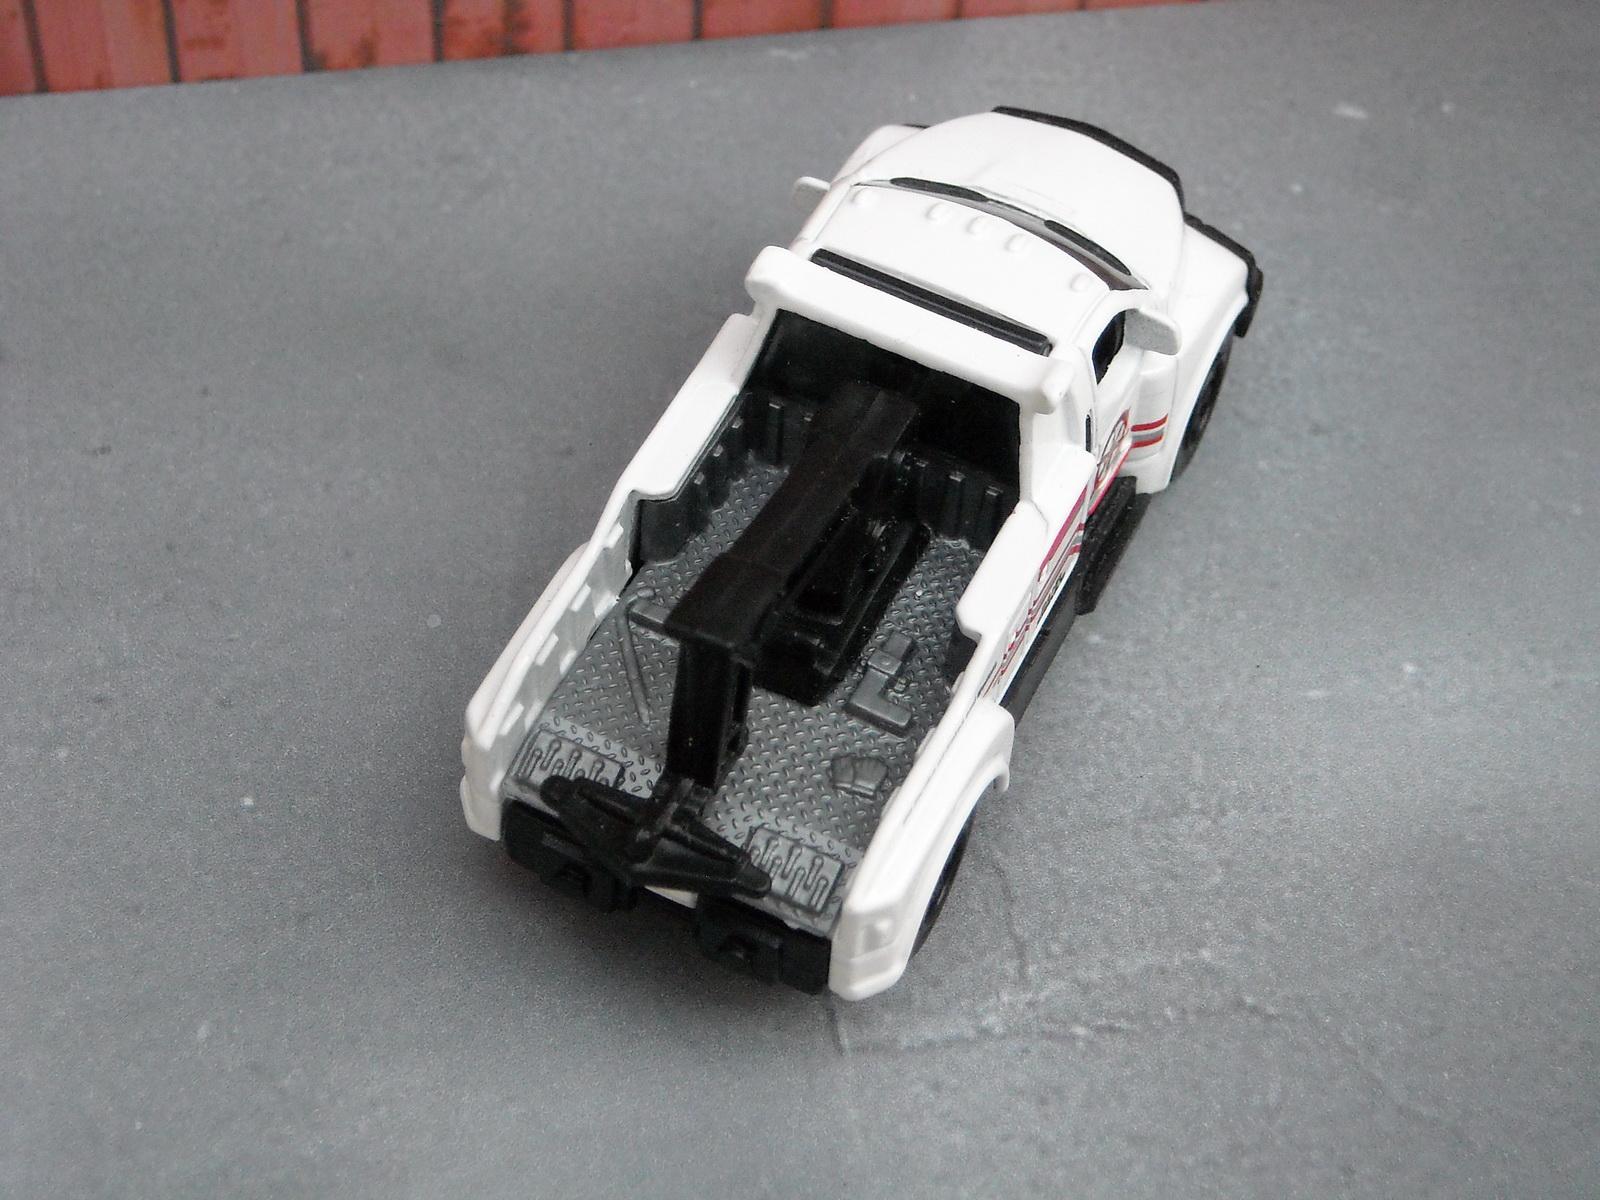 http://3.bp.blogspot.com/-og5L_shDeeI/Tkq3IKaq-fI/AAAAAAAADrk/4a7pLXVOZZY/s1600/matchbox_tow_truck_3.JPG